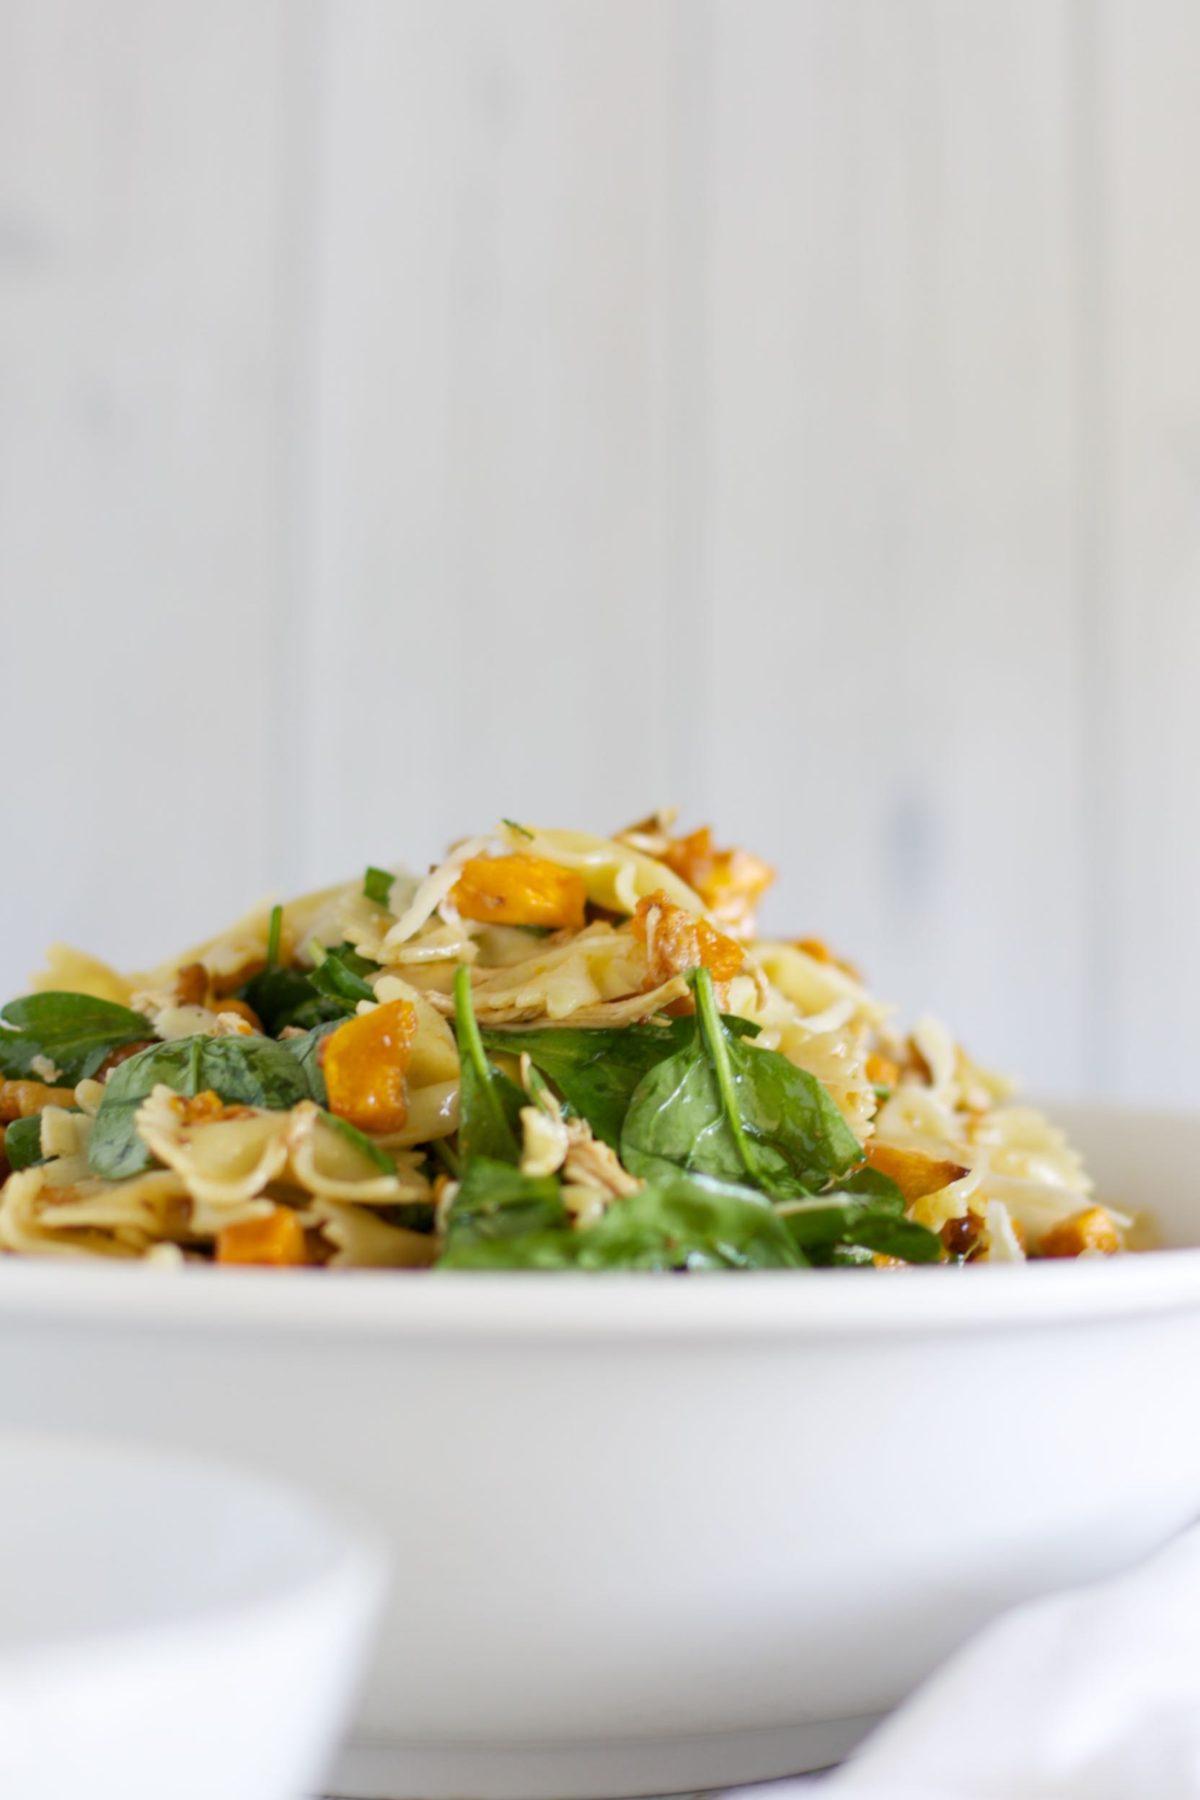 Maple pumpkin and walnut pasta salad with chicken